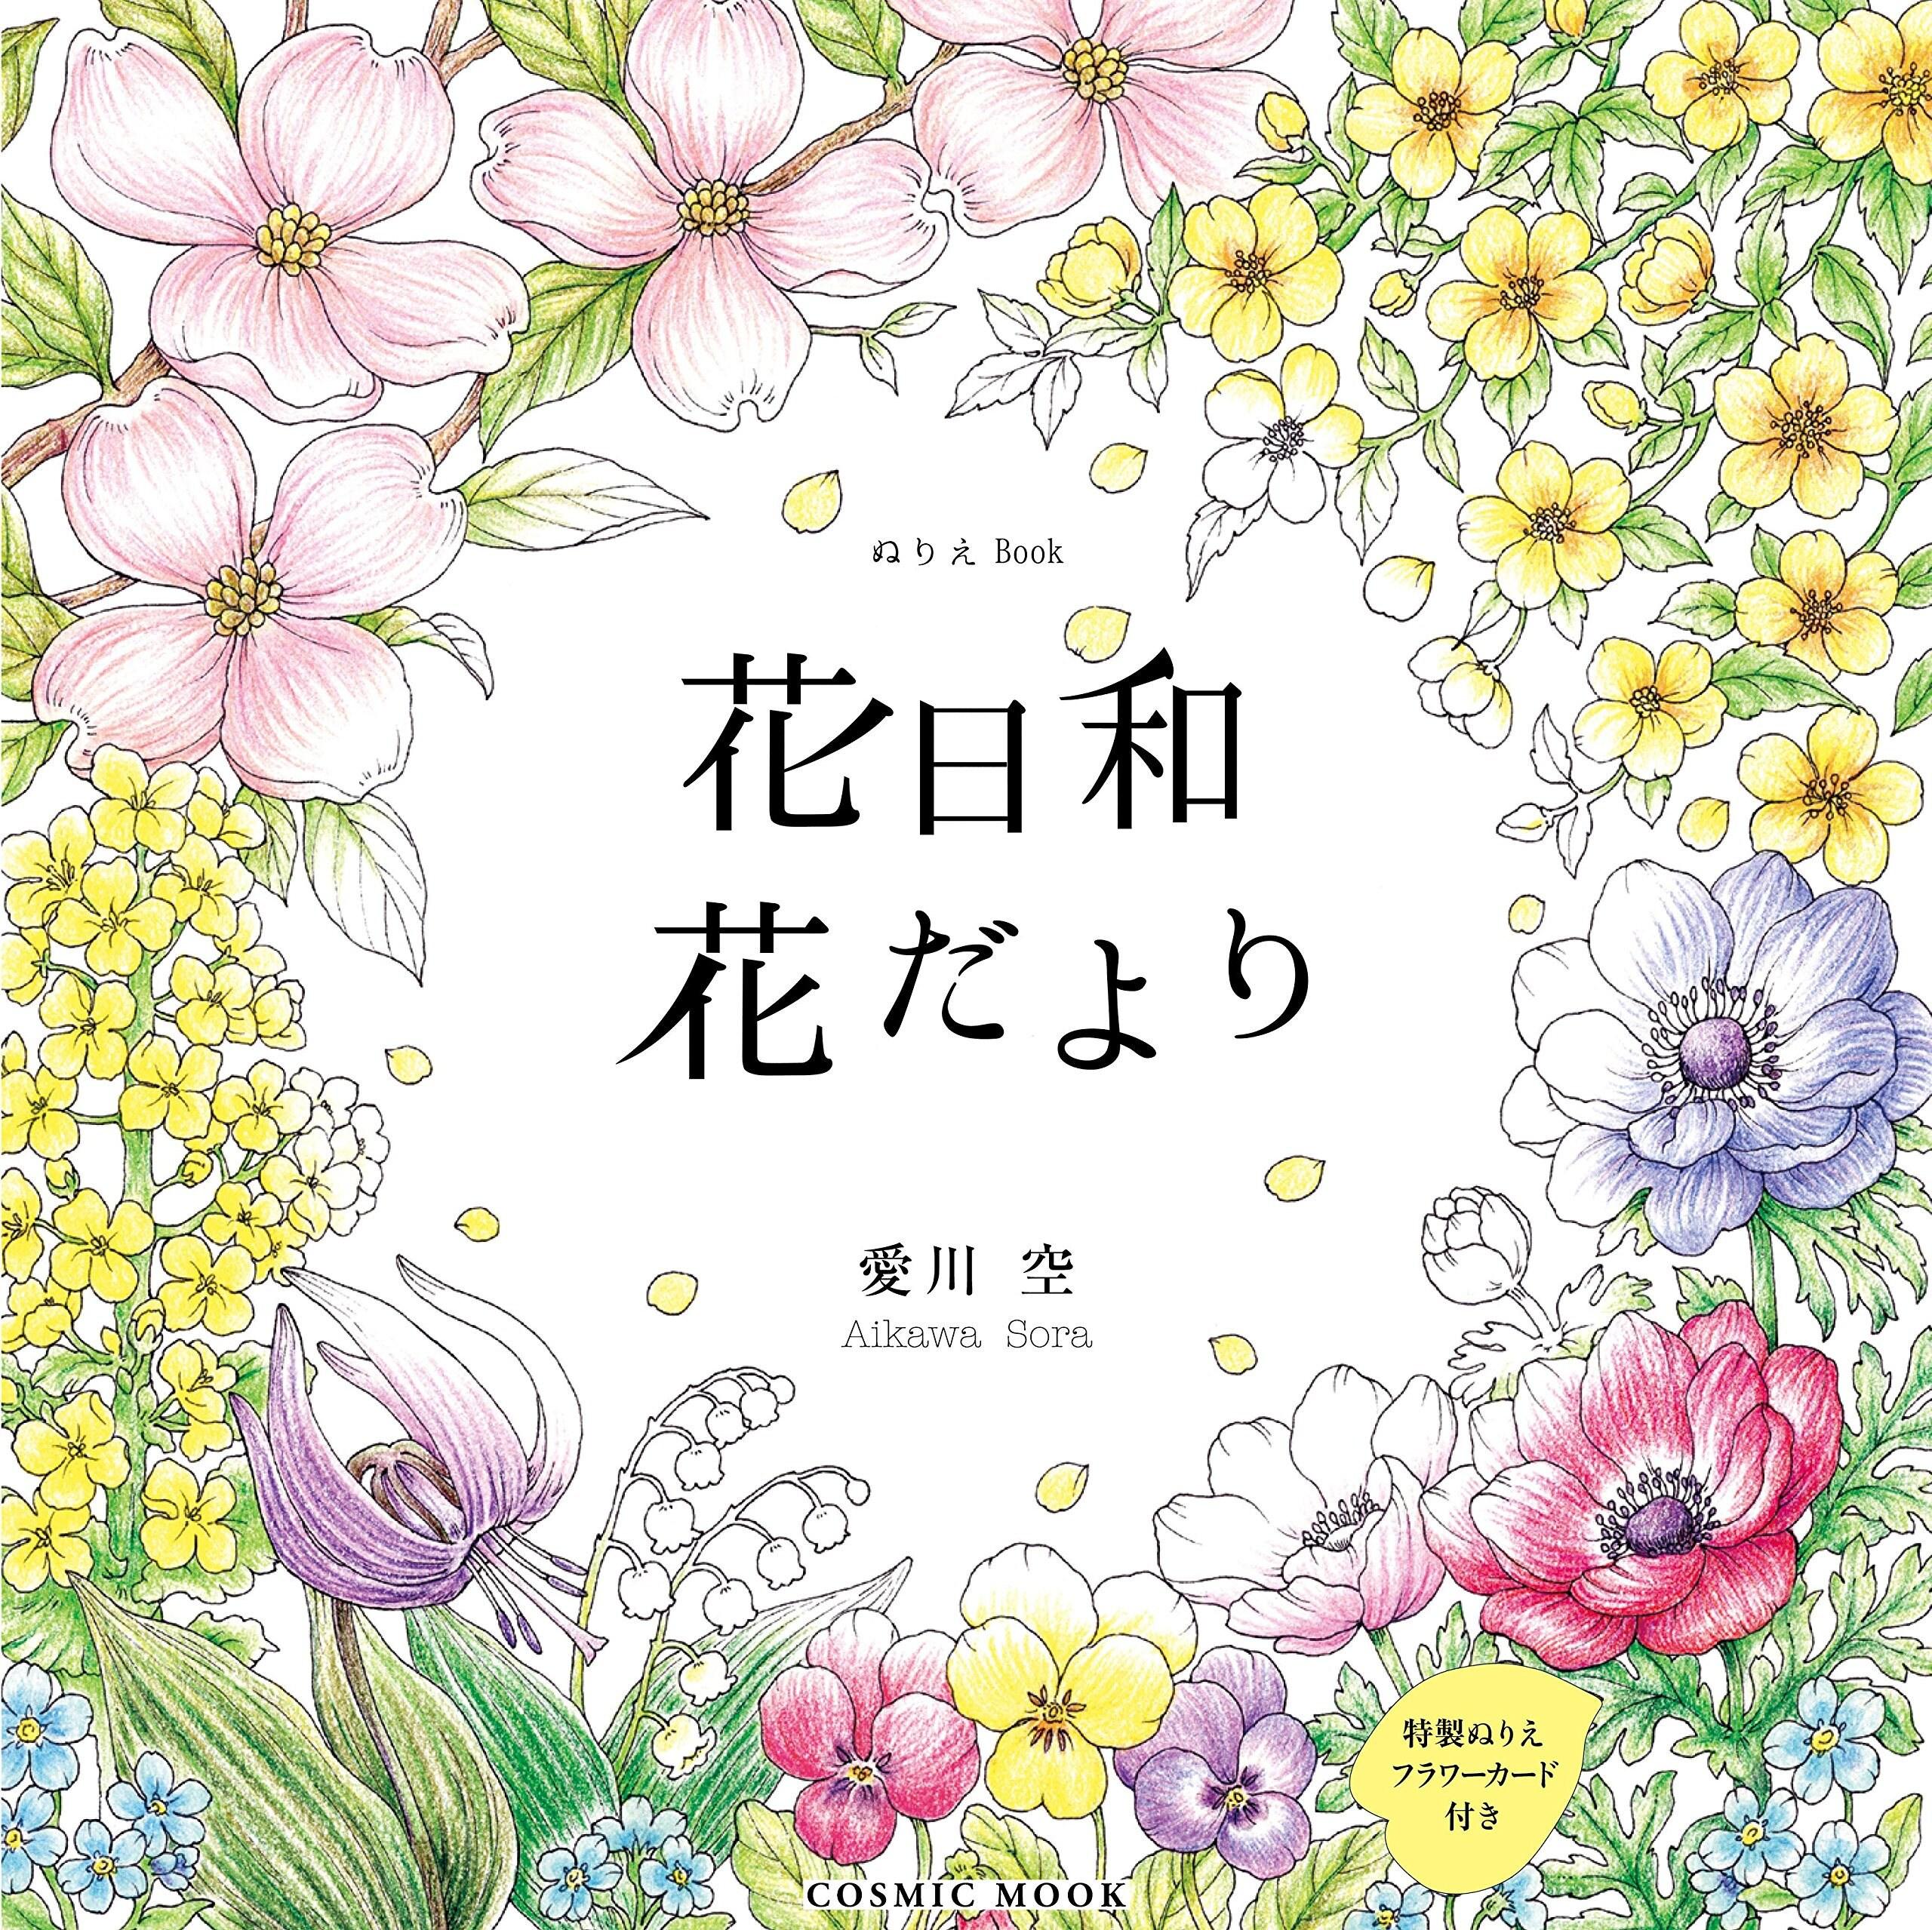 Blume-Tag-Malbuch von Aikawa Sora japanische Malbuch eine   Etsy